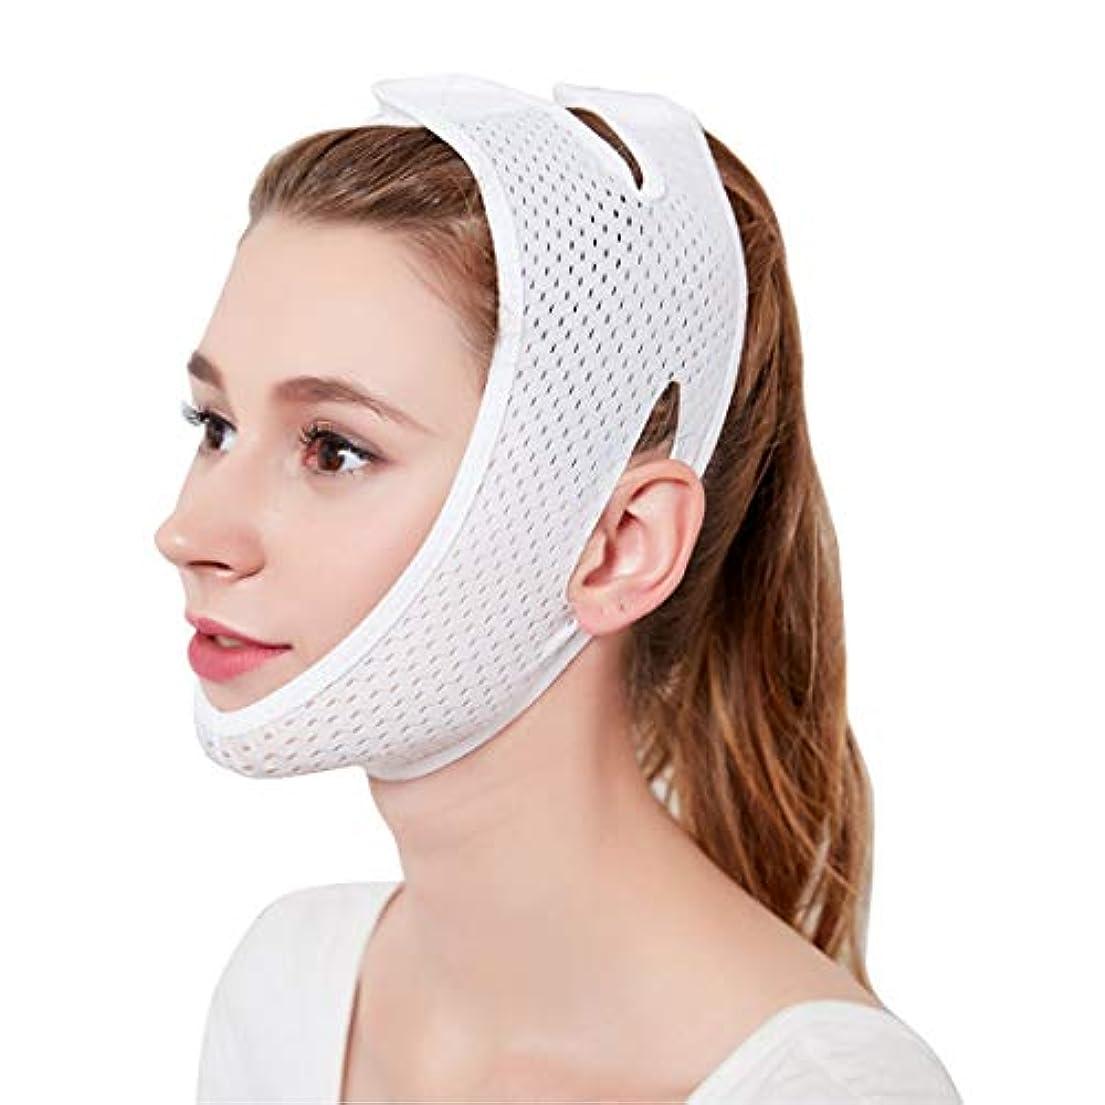 水平コミュニティパラダイスZWBD フェイスマスク, 薄い顔包帯v顔の薄い咬筋の筋肉通気性の薄い顔咬筋の筋肉Vフェイスマスクダブルあごリフトあご